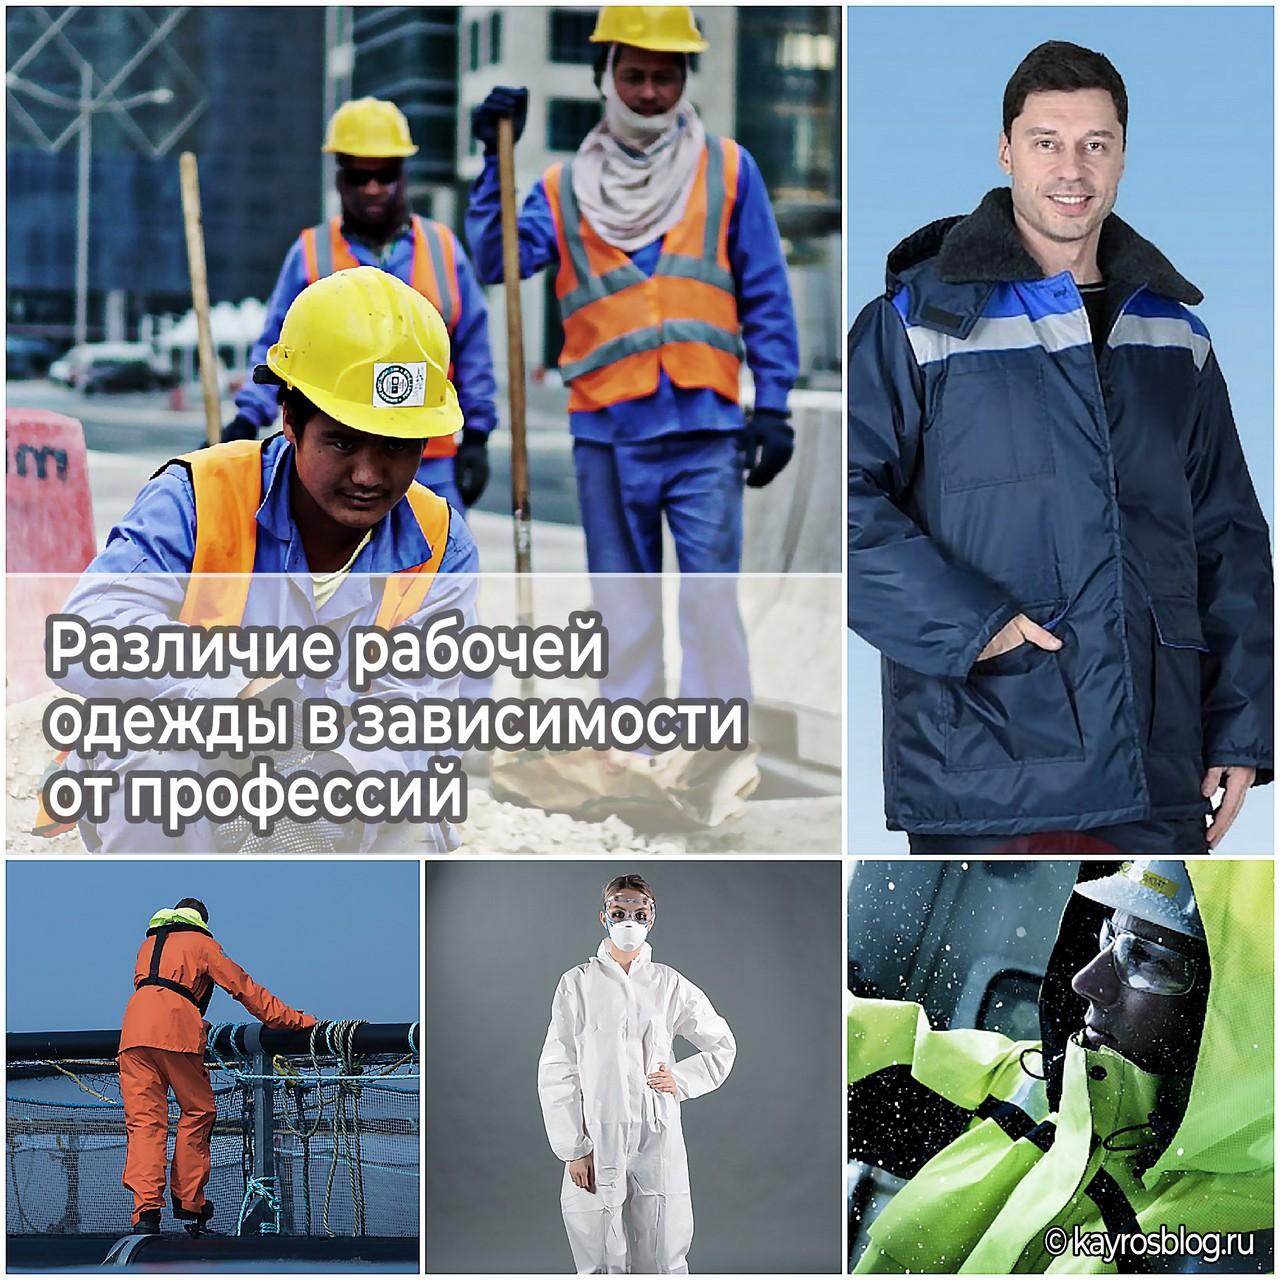 Различие рабочей одежды в зависимости от профессий